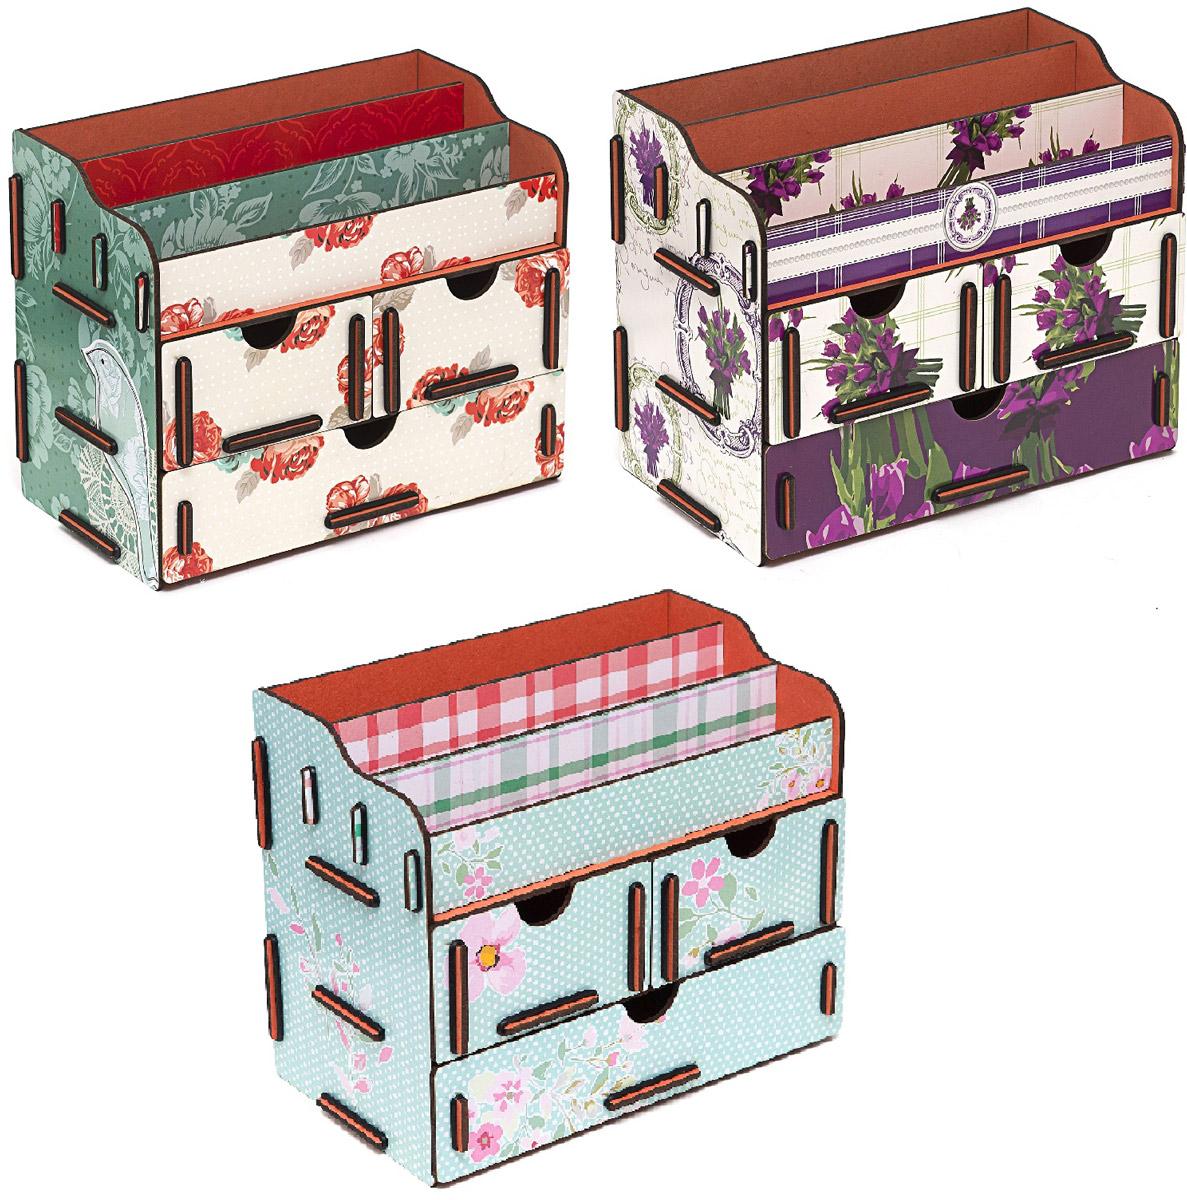 Набор шкатулок Homsu Тайна весенних бутонов, для украшений, 3 штDEN-06Этот комплект из оригинальных сундучков имеет множество полочек сверху для хранения косметики, парфюмерии и аксессуаров, а также два маленьких ящичка размером 11см на 14,5см и один большой ящик размером 22см на 14,5см, которые позволят разместить в них все самое необходимое и сокровенное для каждой женщины. Шкатулочки можно поставить на стол, они станут отличным дополнением интерьера. 240х140х190; 240х140х190; 240х140х190